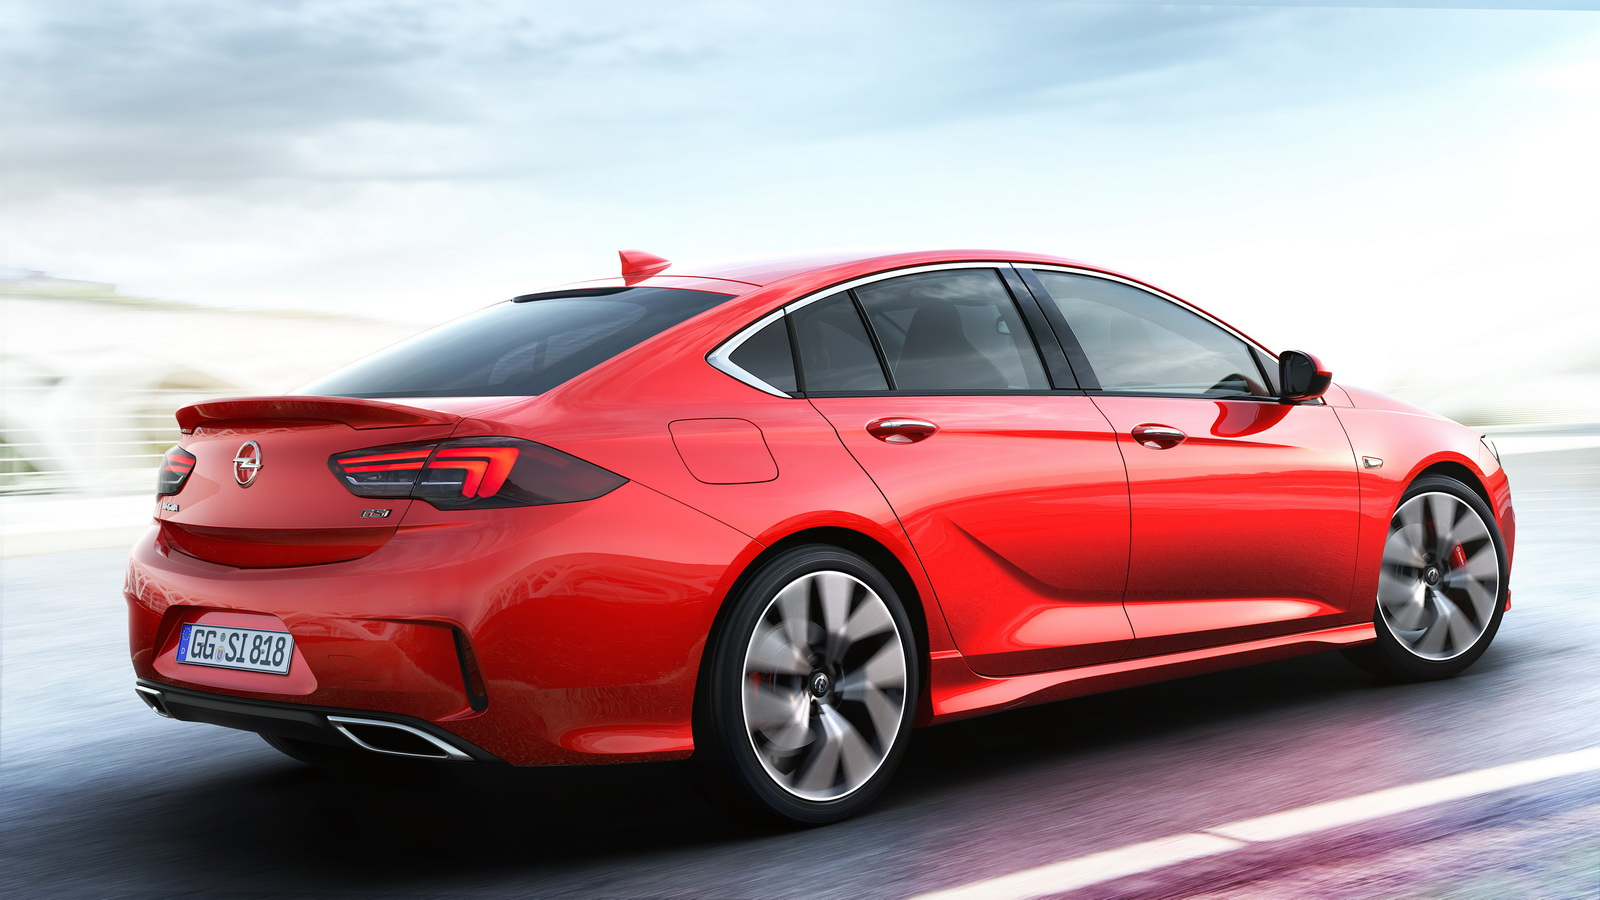 Opel-Insignia-GSi-03.jpg